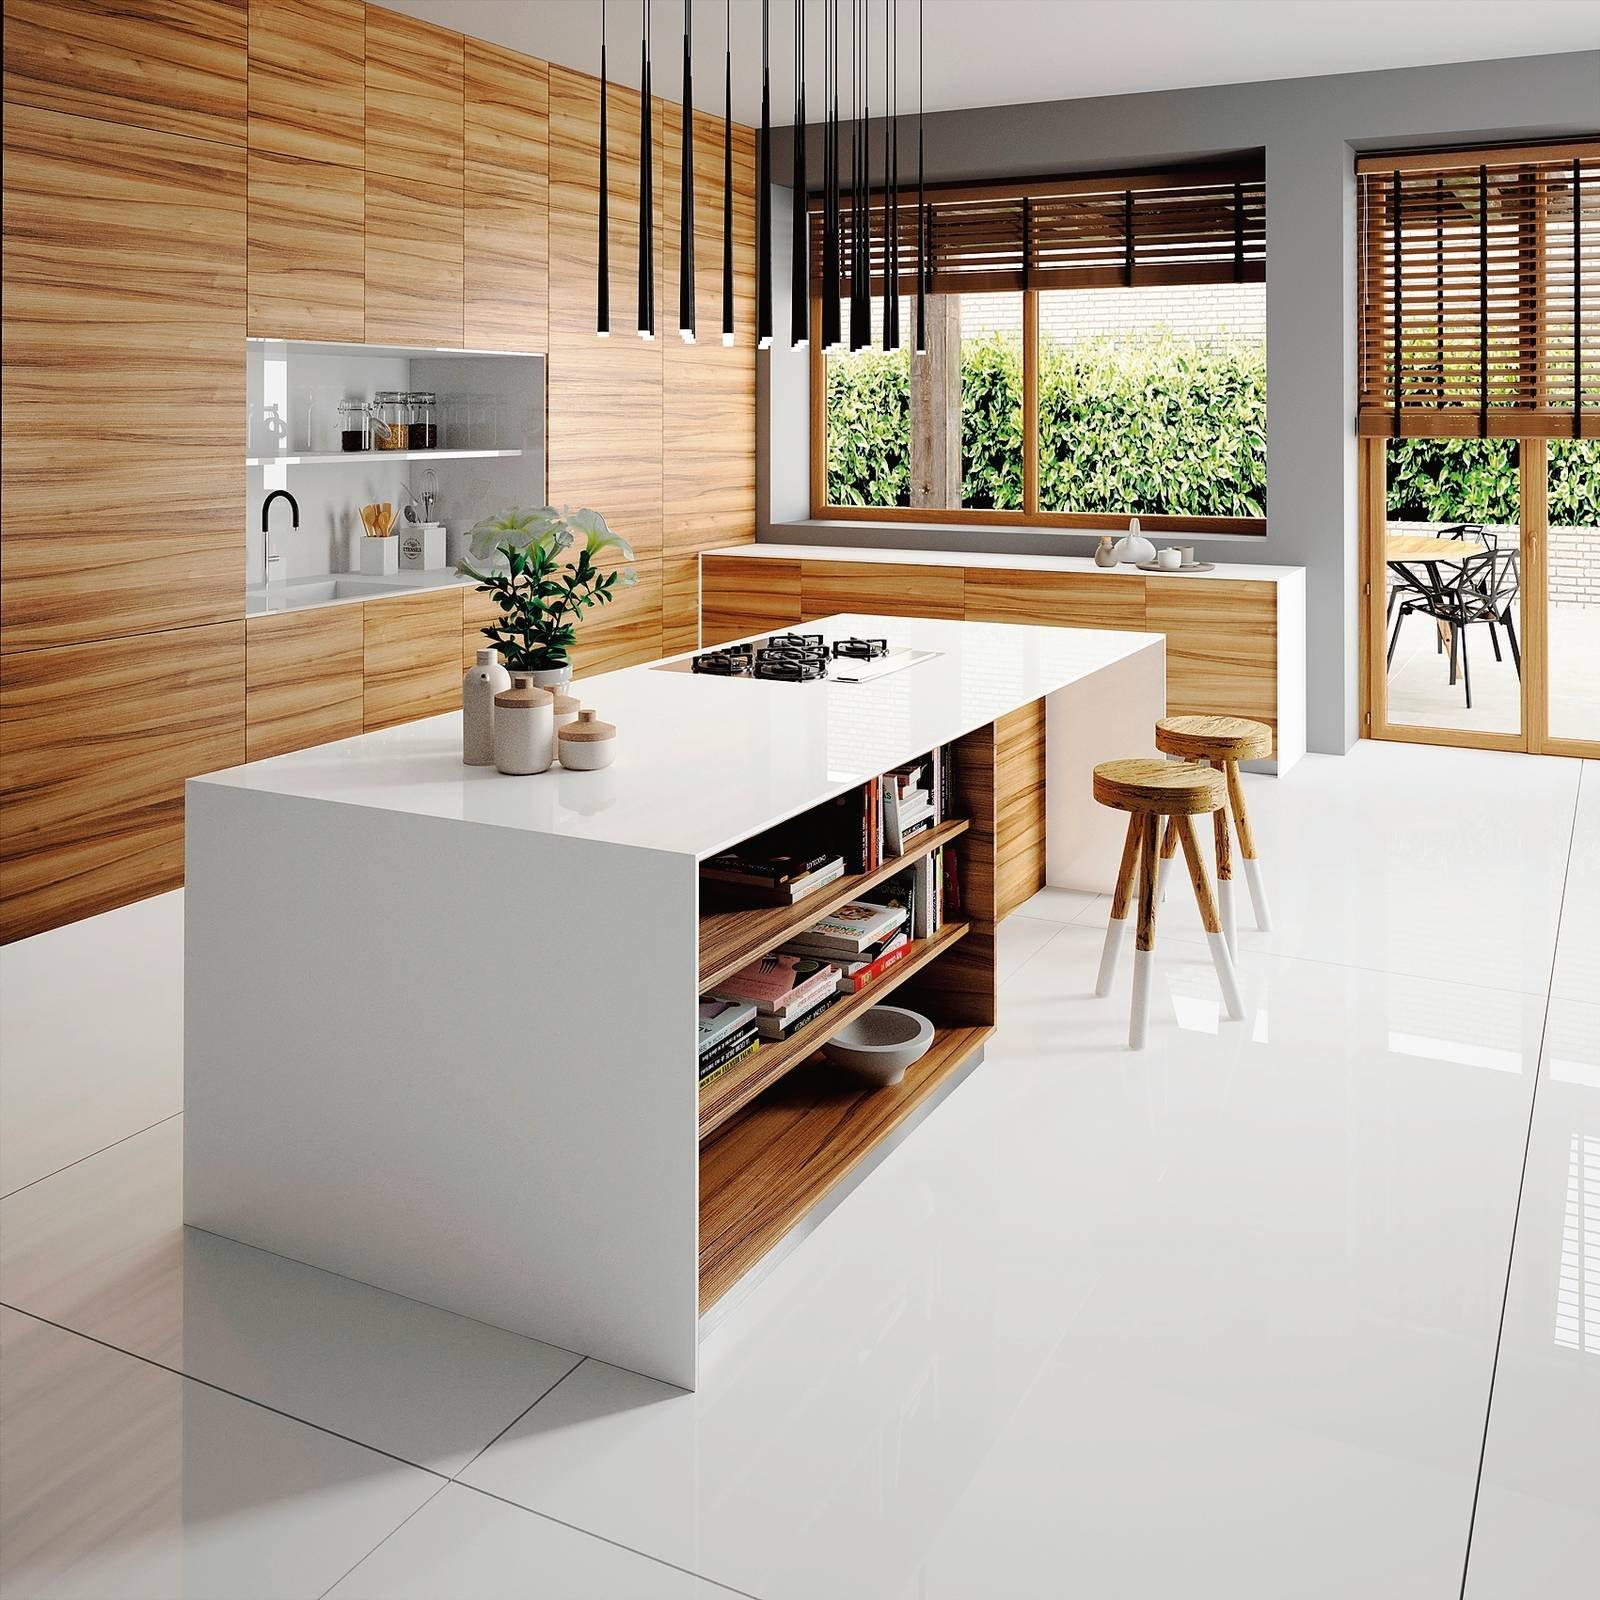 Lapitec Costo Al Mq top della cucina: quale materiale scegliere per il piano di